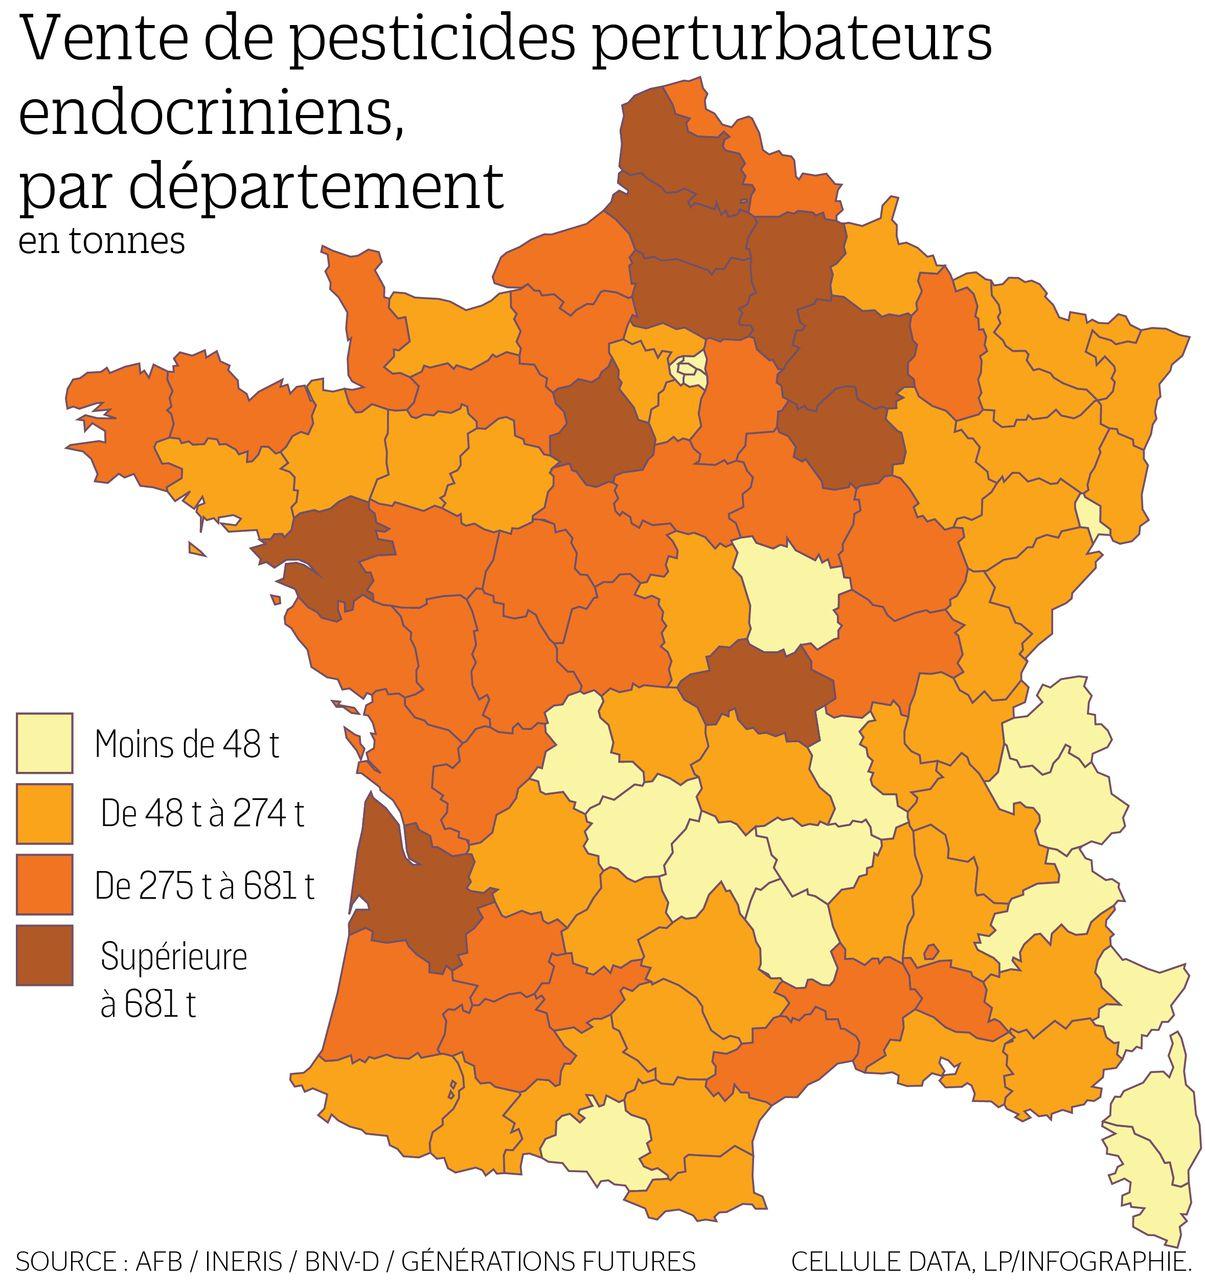 La Carte De France Des Départements Les Plus Consommateurs à Carte De France Avec Les Départements